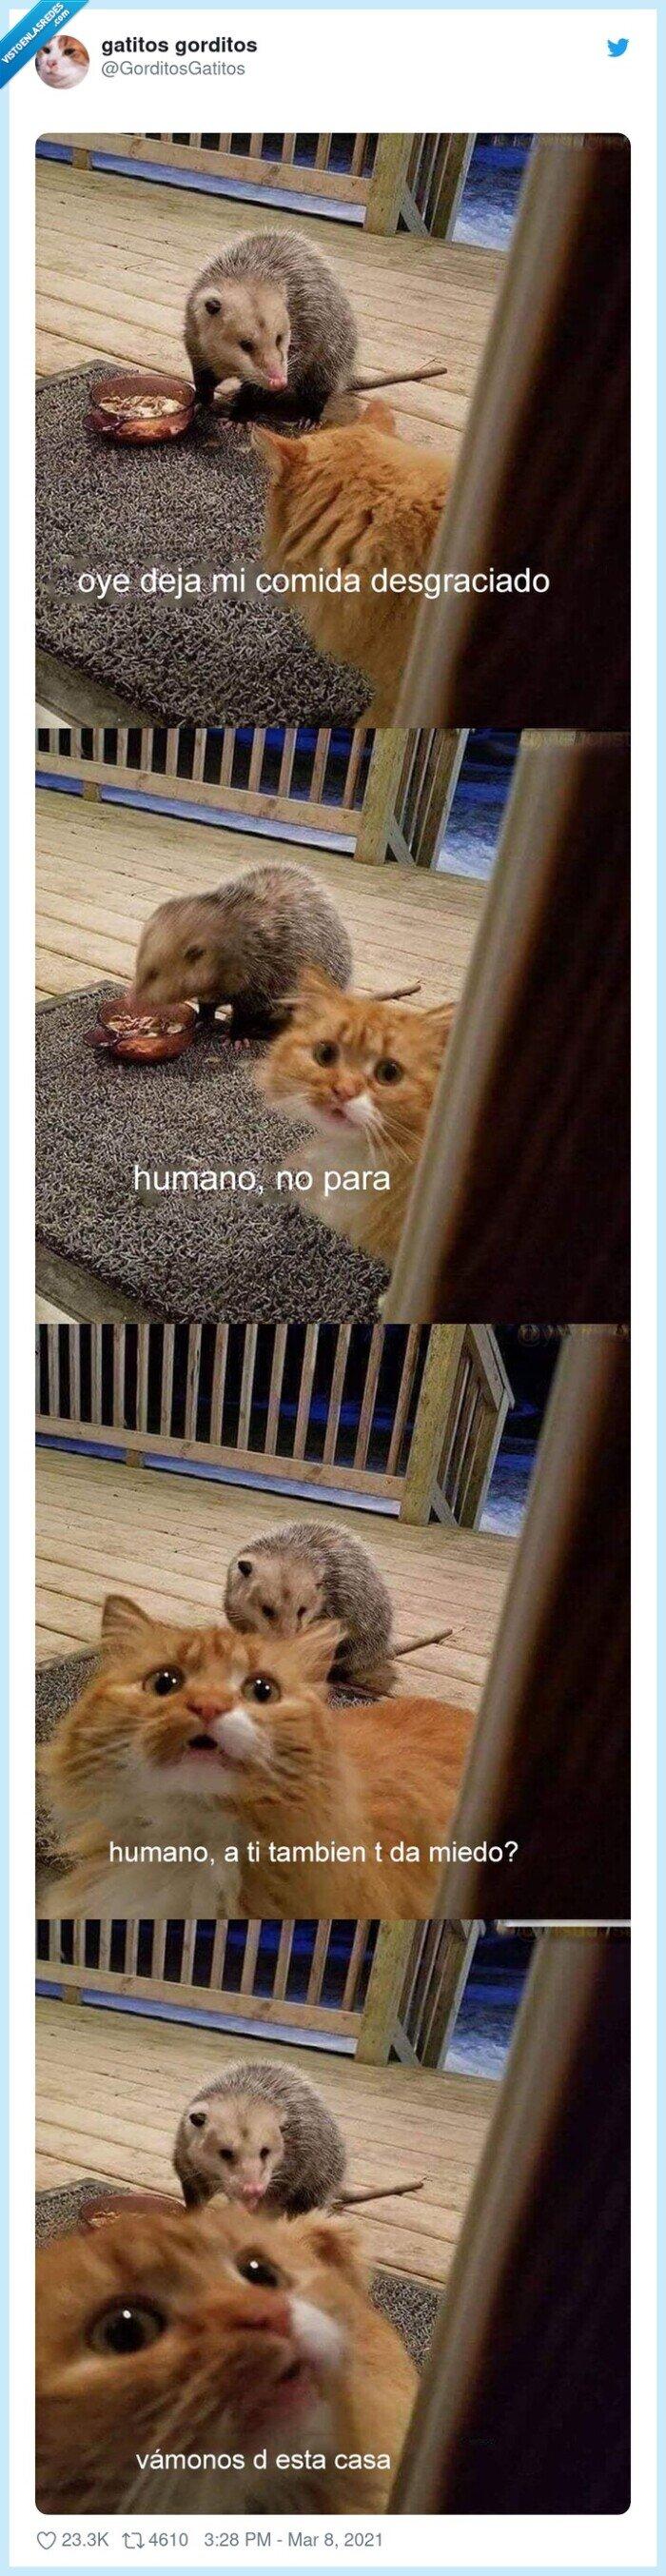 asustado,gato,pijo,zarigüeya